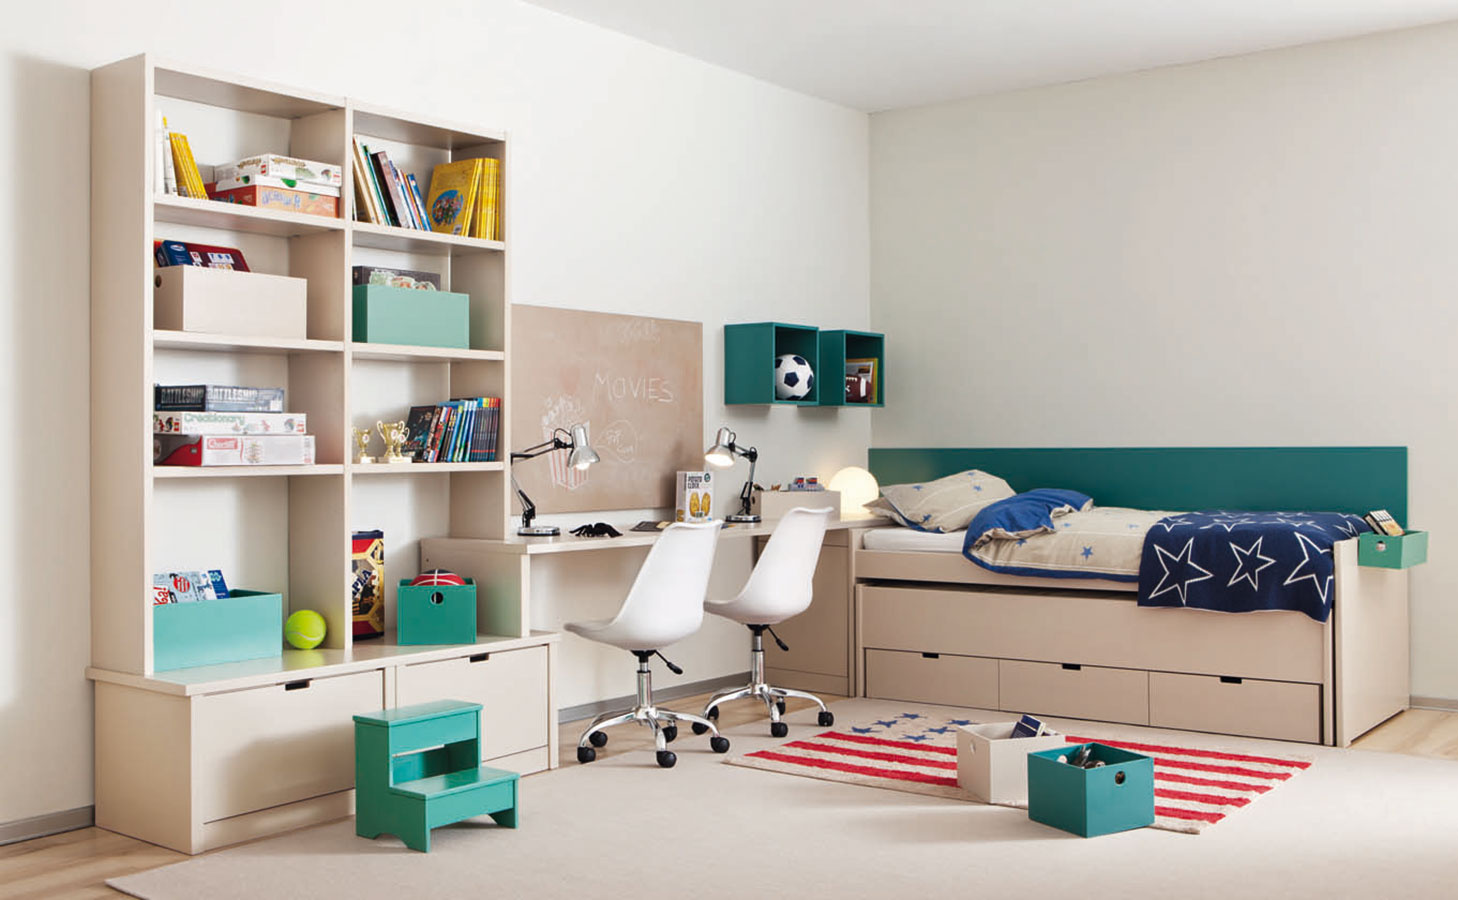 Nábytkové zostavy sa postarajú o plynulé zladenie postelí, úložných priestorov a pracoviska do jednotného dizajnu, čo mnohým imponuje. Pri vhodnom rozložení možno pomocou nich navyše ušetriť priestor. Zostava je dostupná na www.ksl-living.fr.